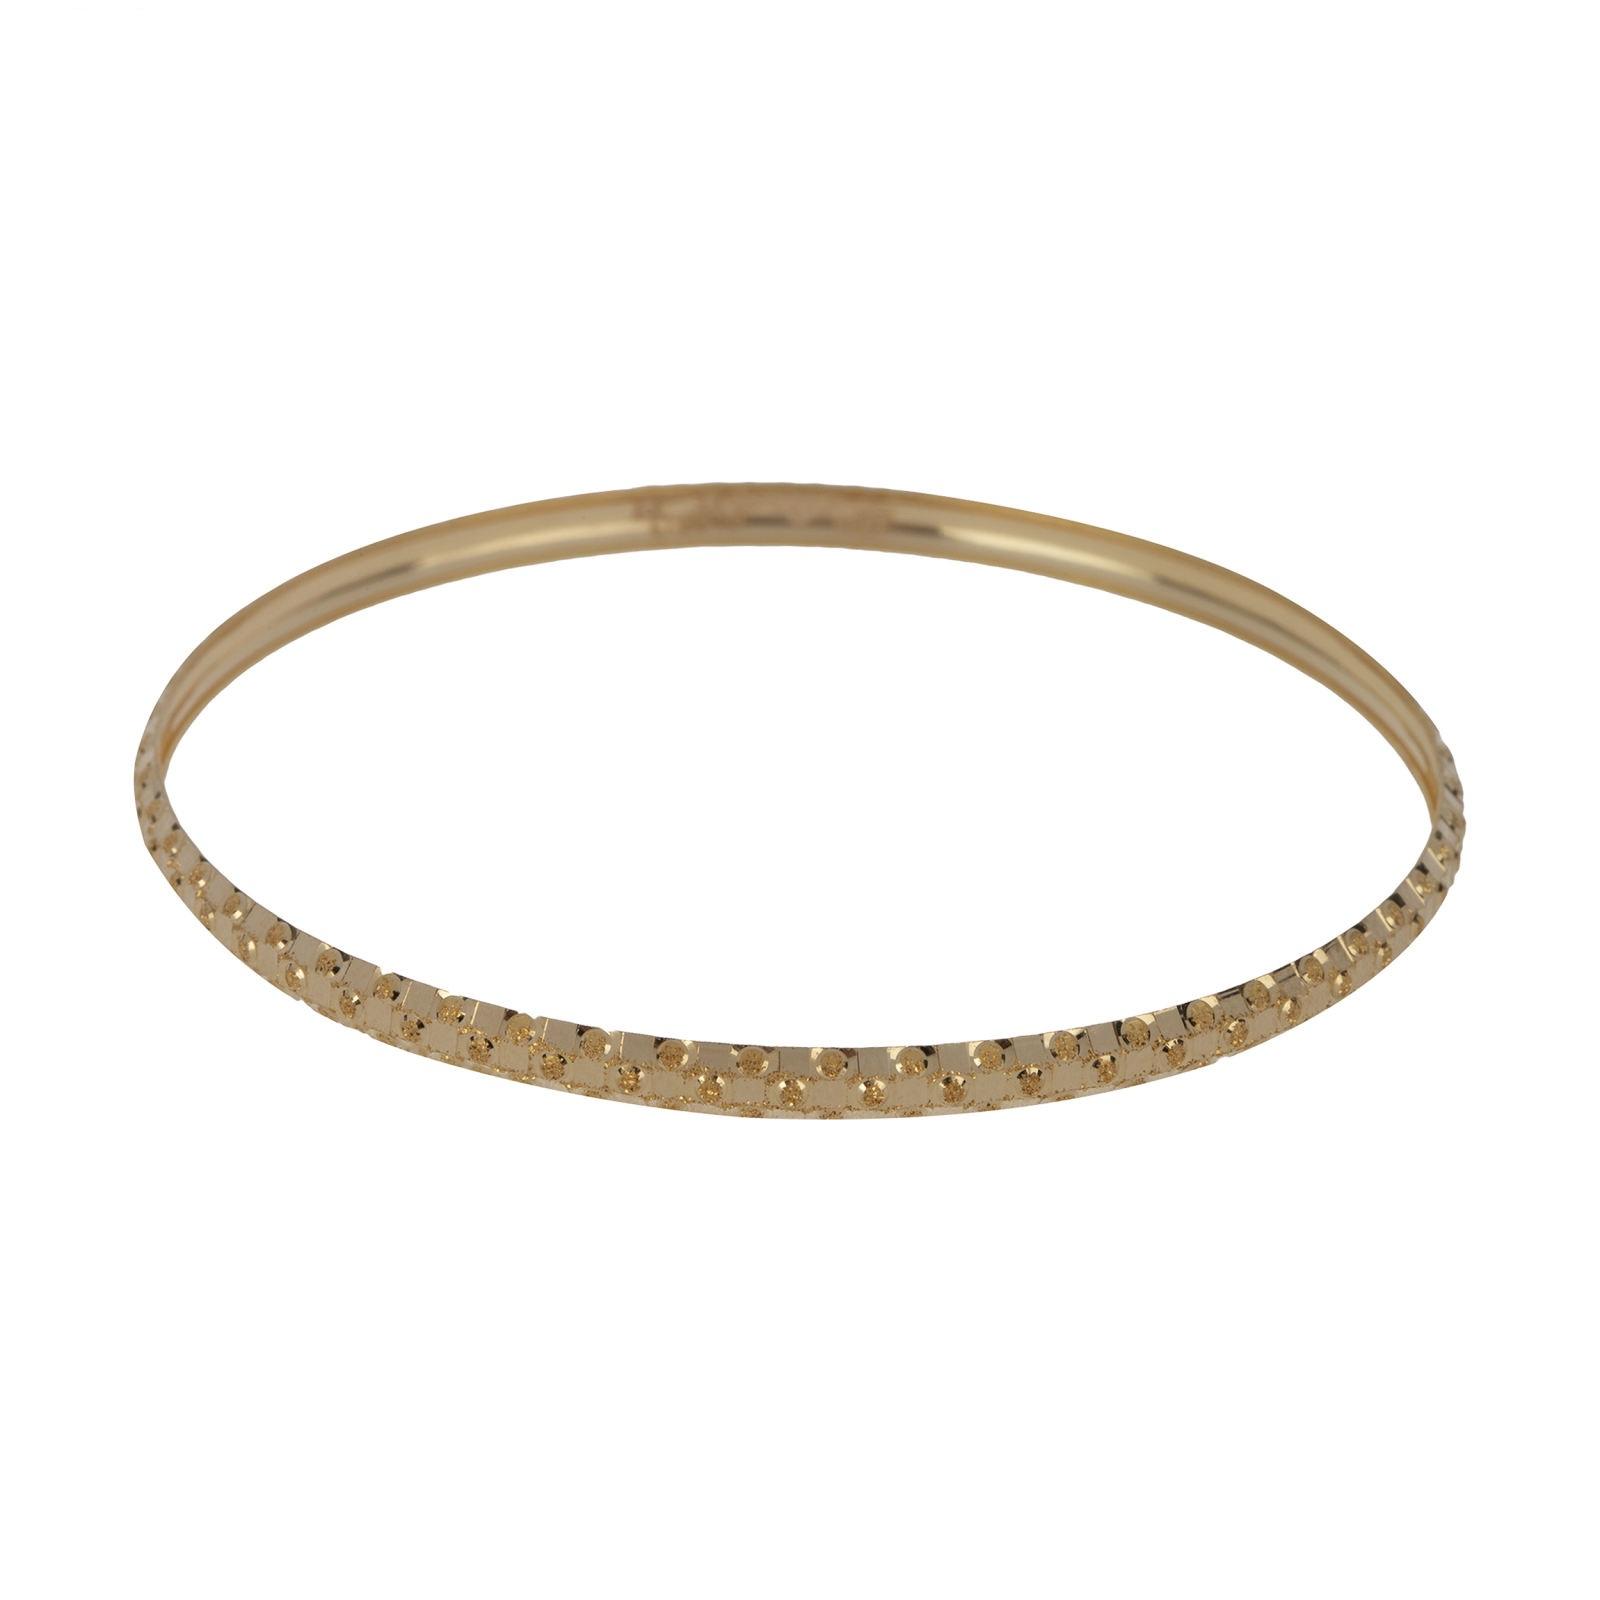 النگو طلا 18 عیار زنانه گالری یارطلا کد AL43-G-4